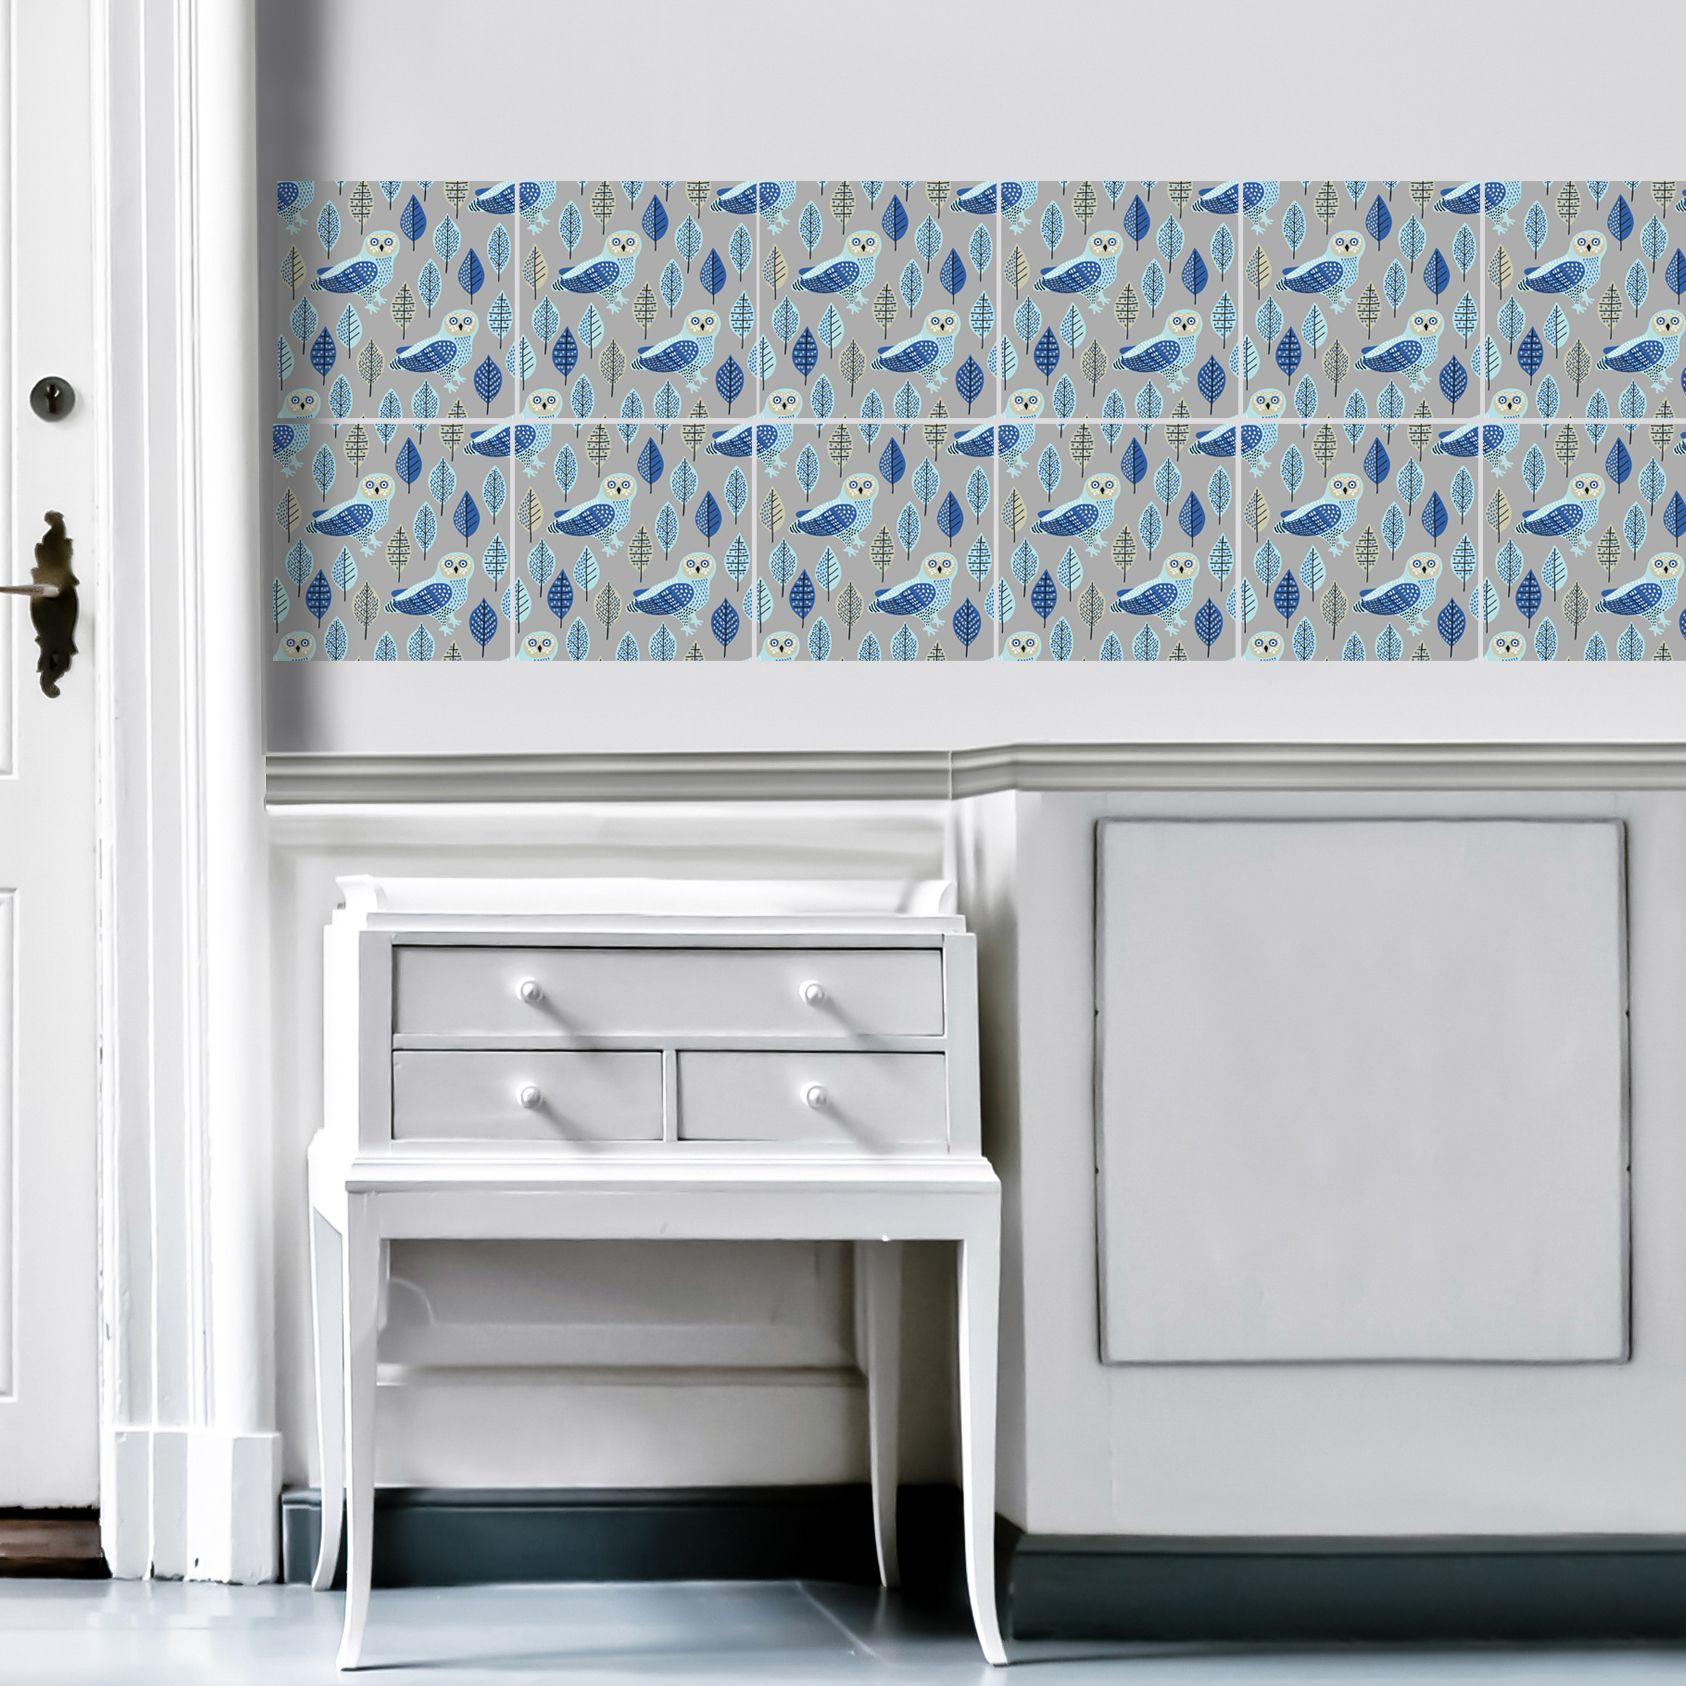 Pin Von Cuadros Lifestyle Auf Stickerfliesen Haushalt Wandbordure Wohnen